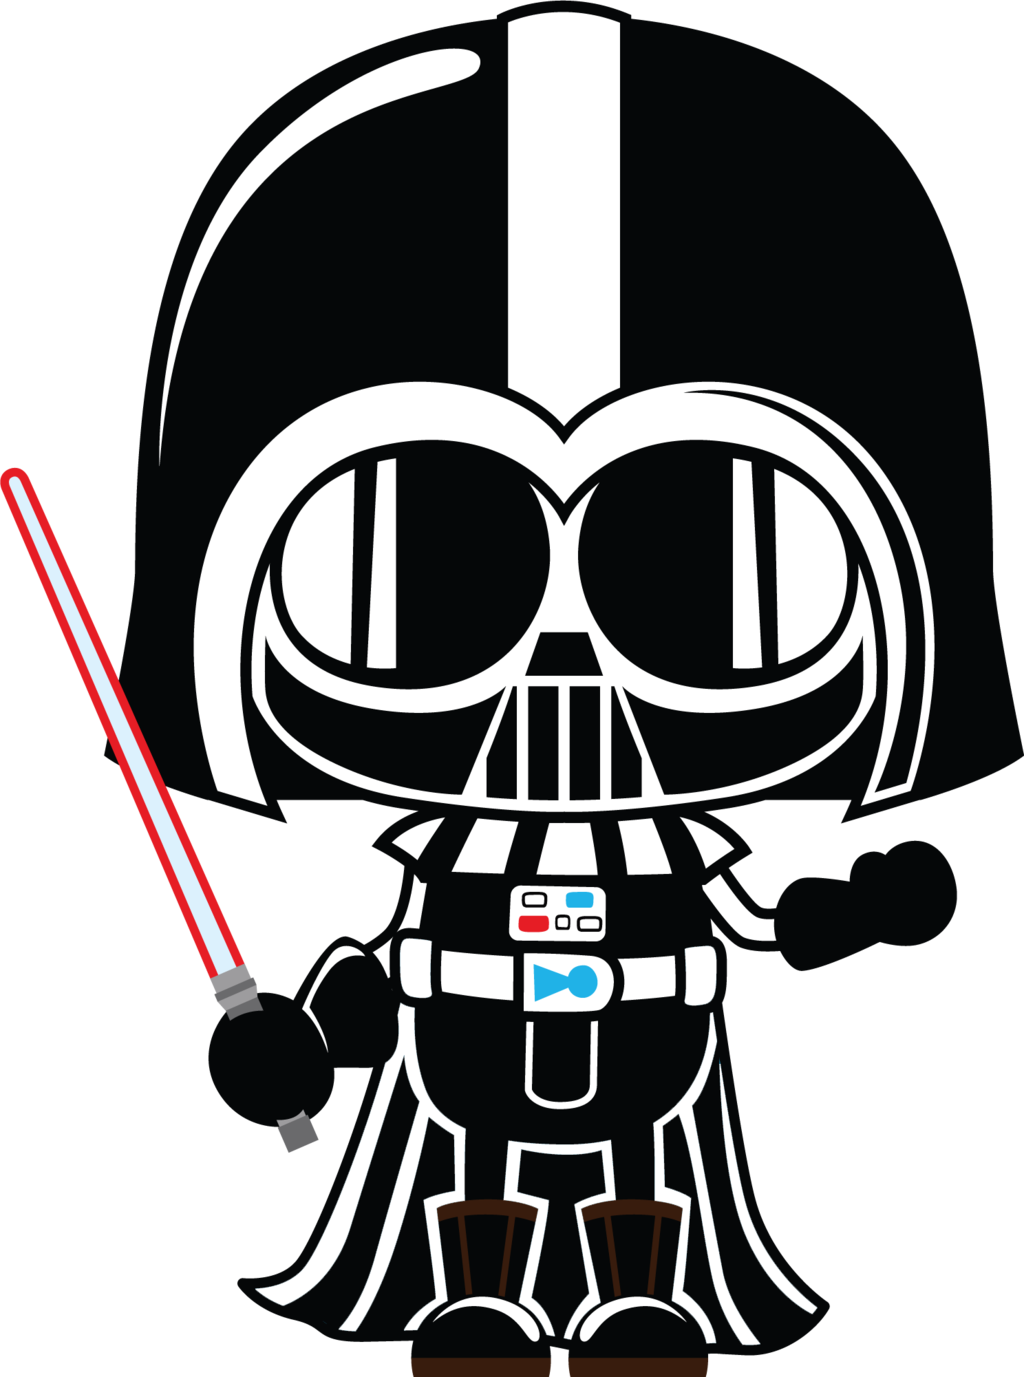 Darth Vader by Chrispix326deviantart